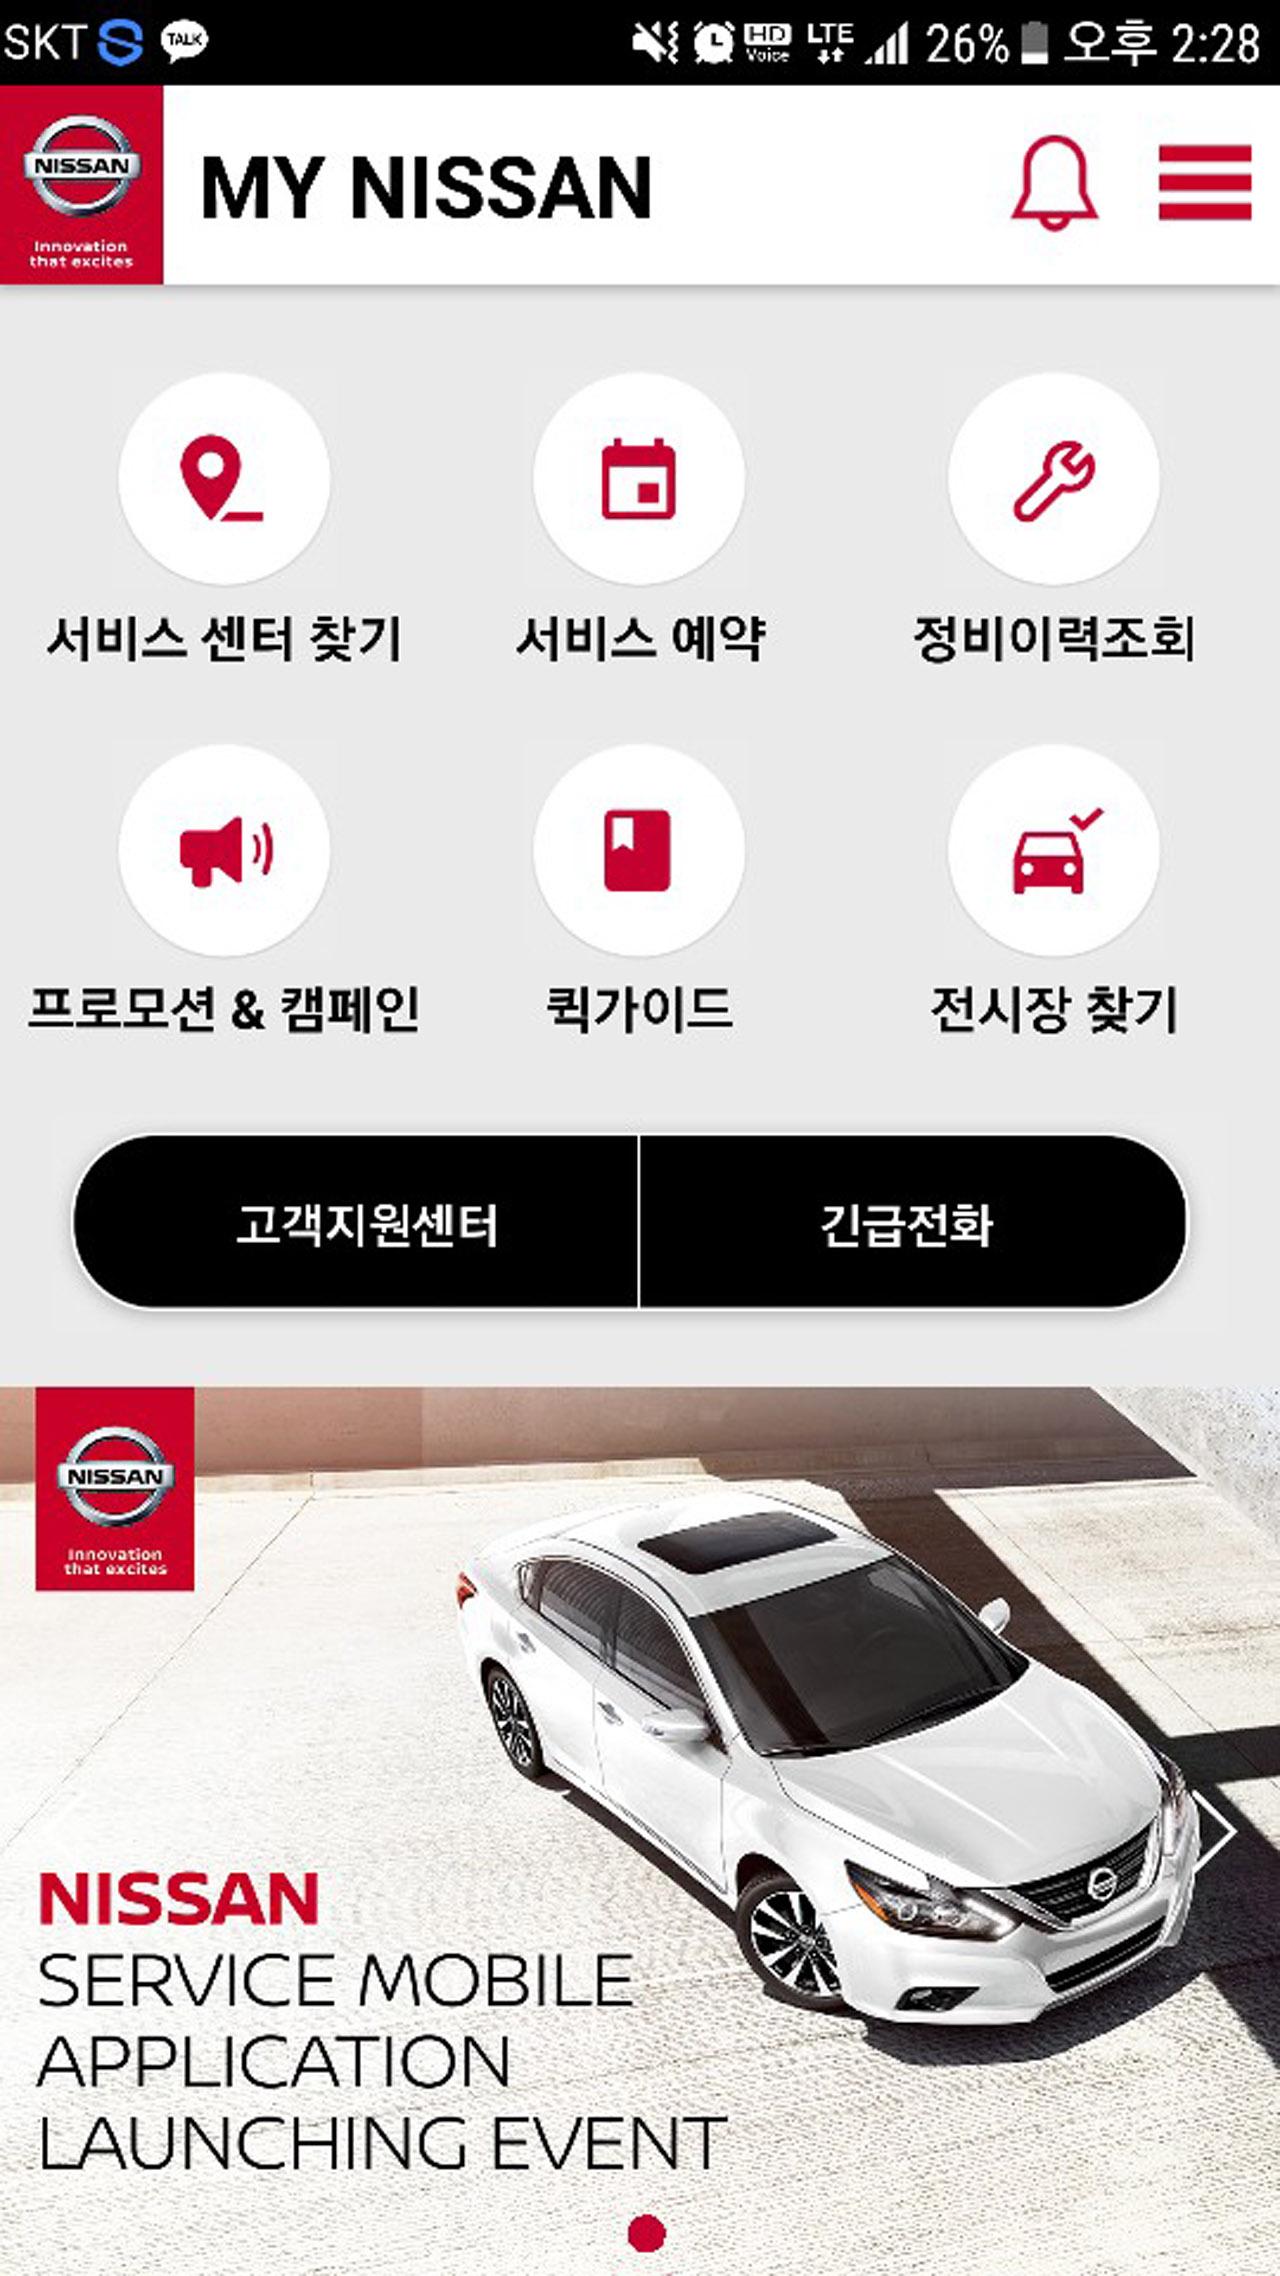 [사진자료] 한국닛산, 서비스 어플리케이션 마이 닛산(My Nissan) 공식 론칭 (1)